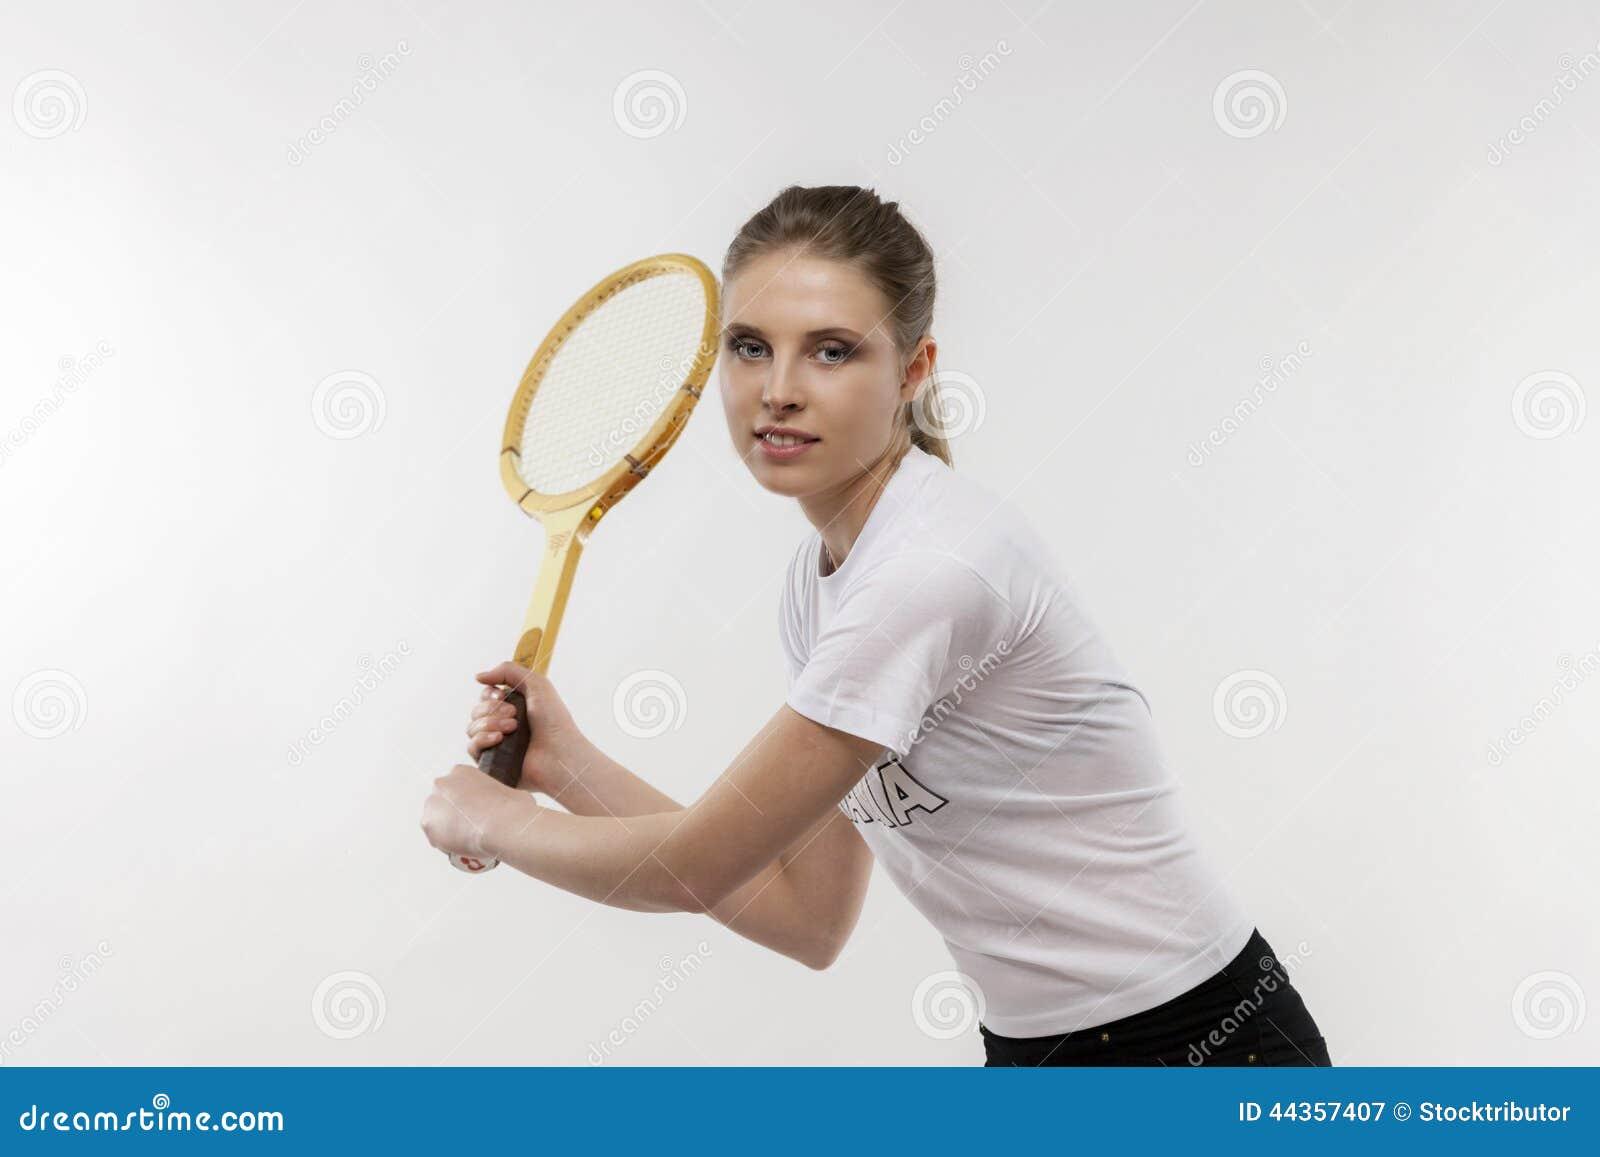 有葡萄酒网球拍的女孩